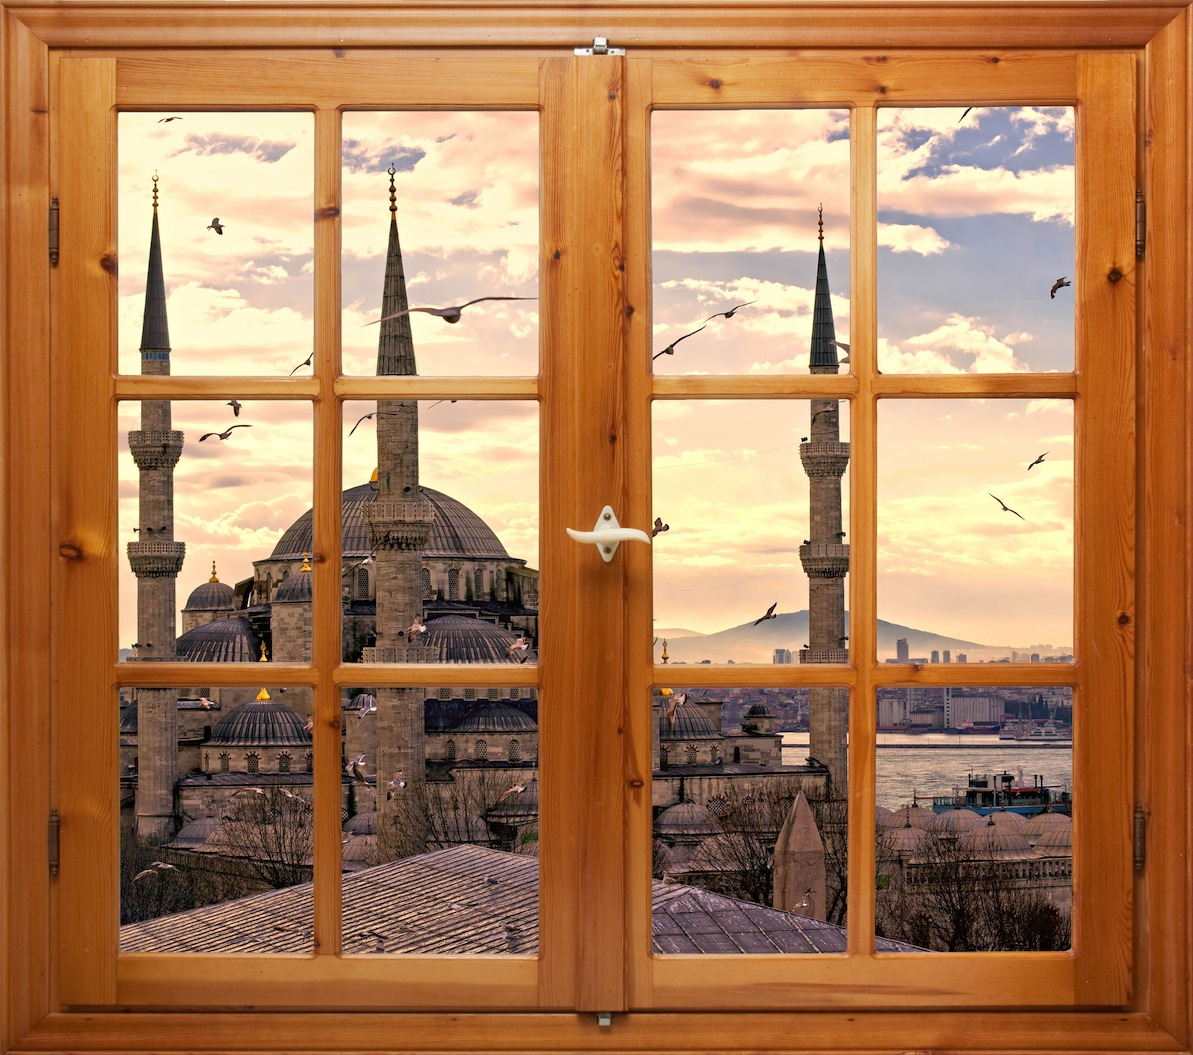 Ma maison regarde vers Sultanahmed papiers peints photo 3D appliqué sur le mur